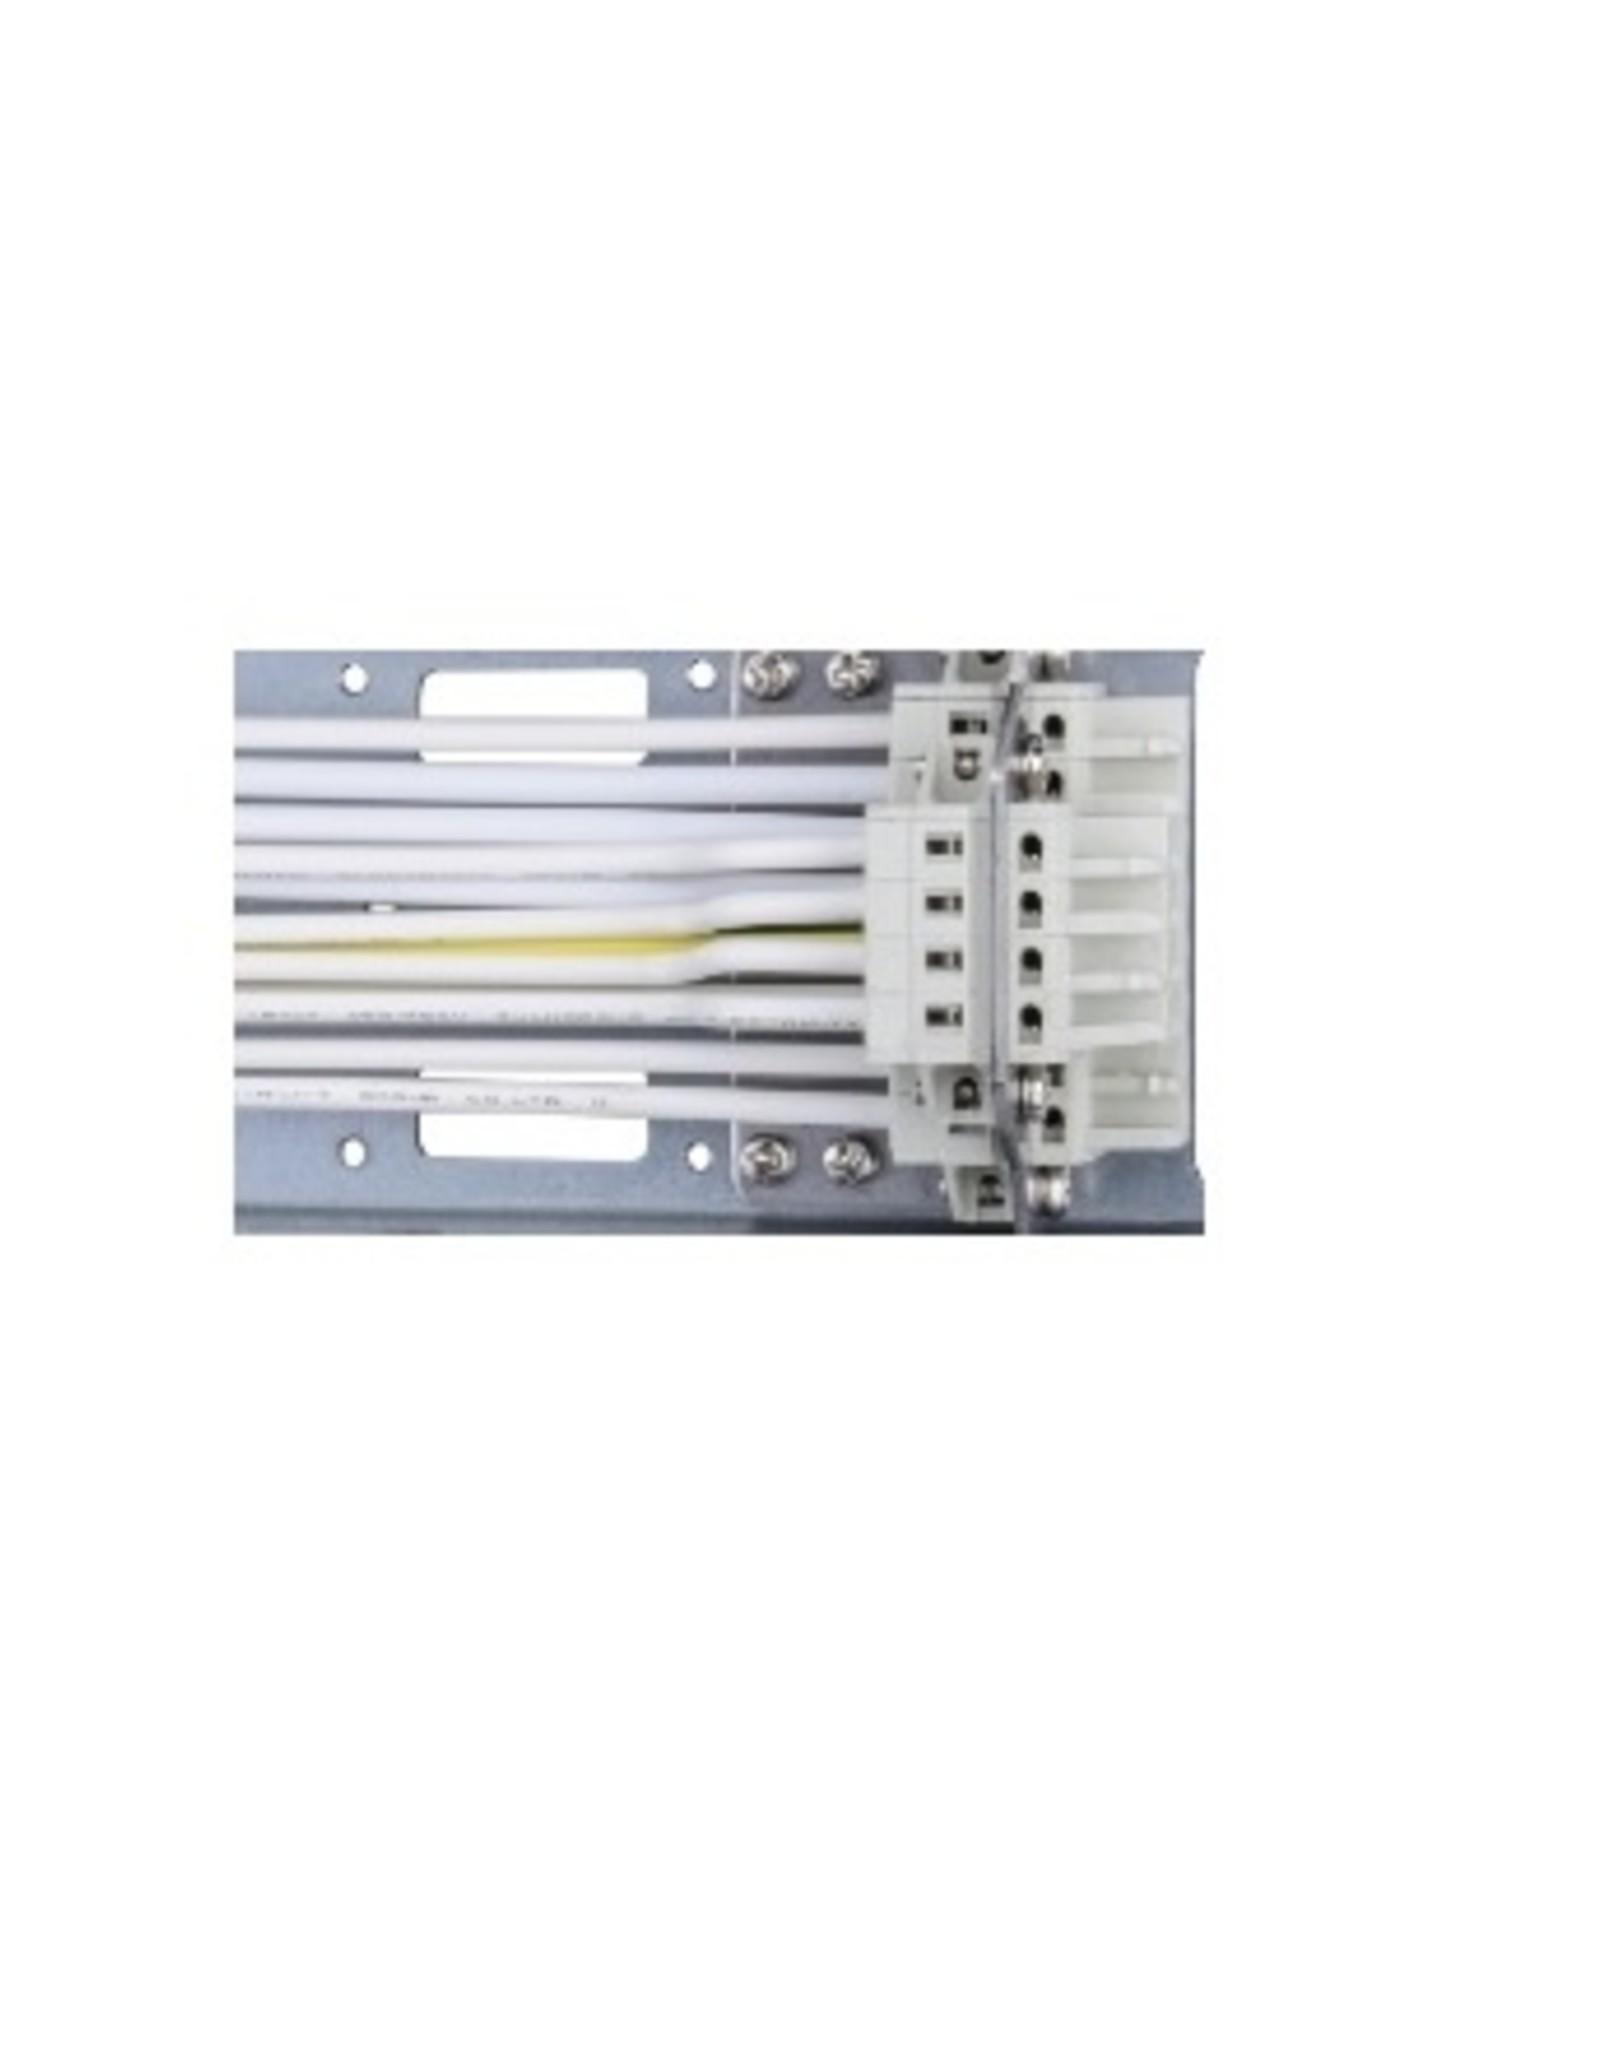 LedLed Corled kabel invoer connector blok